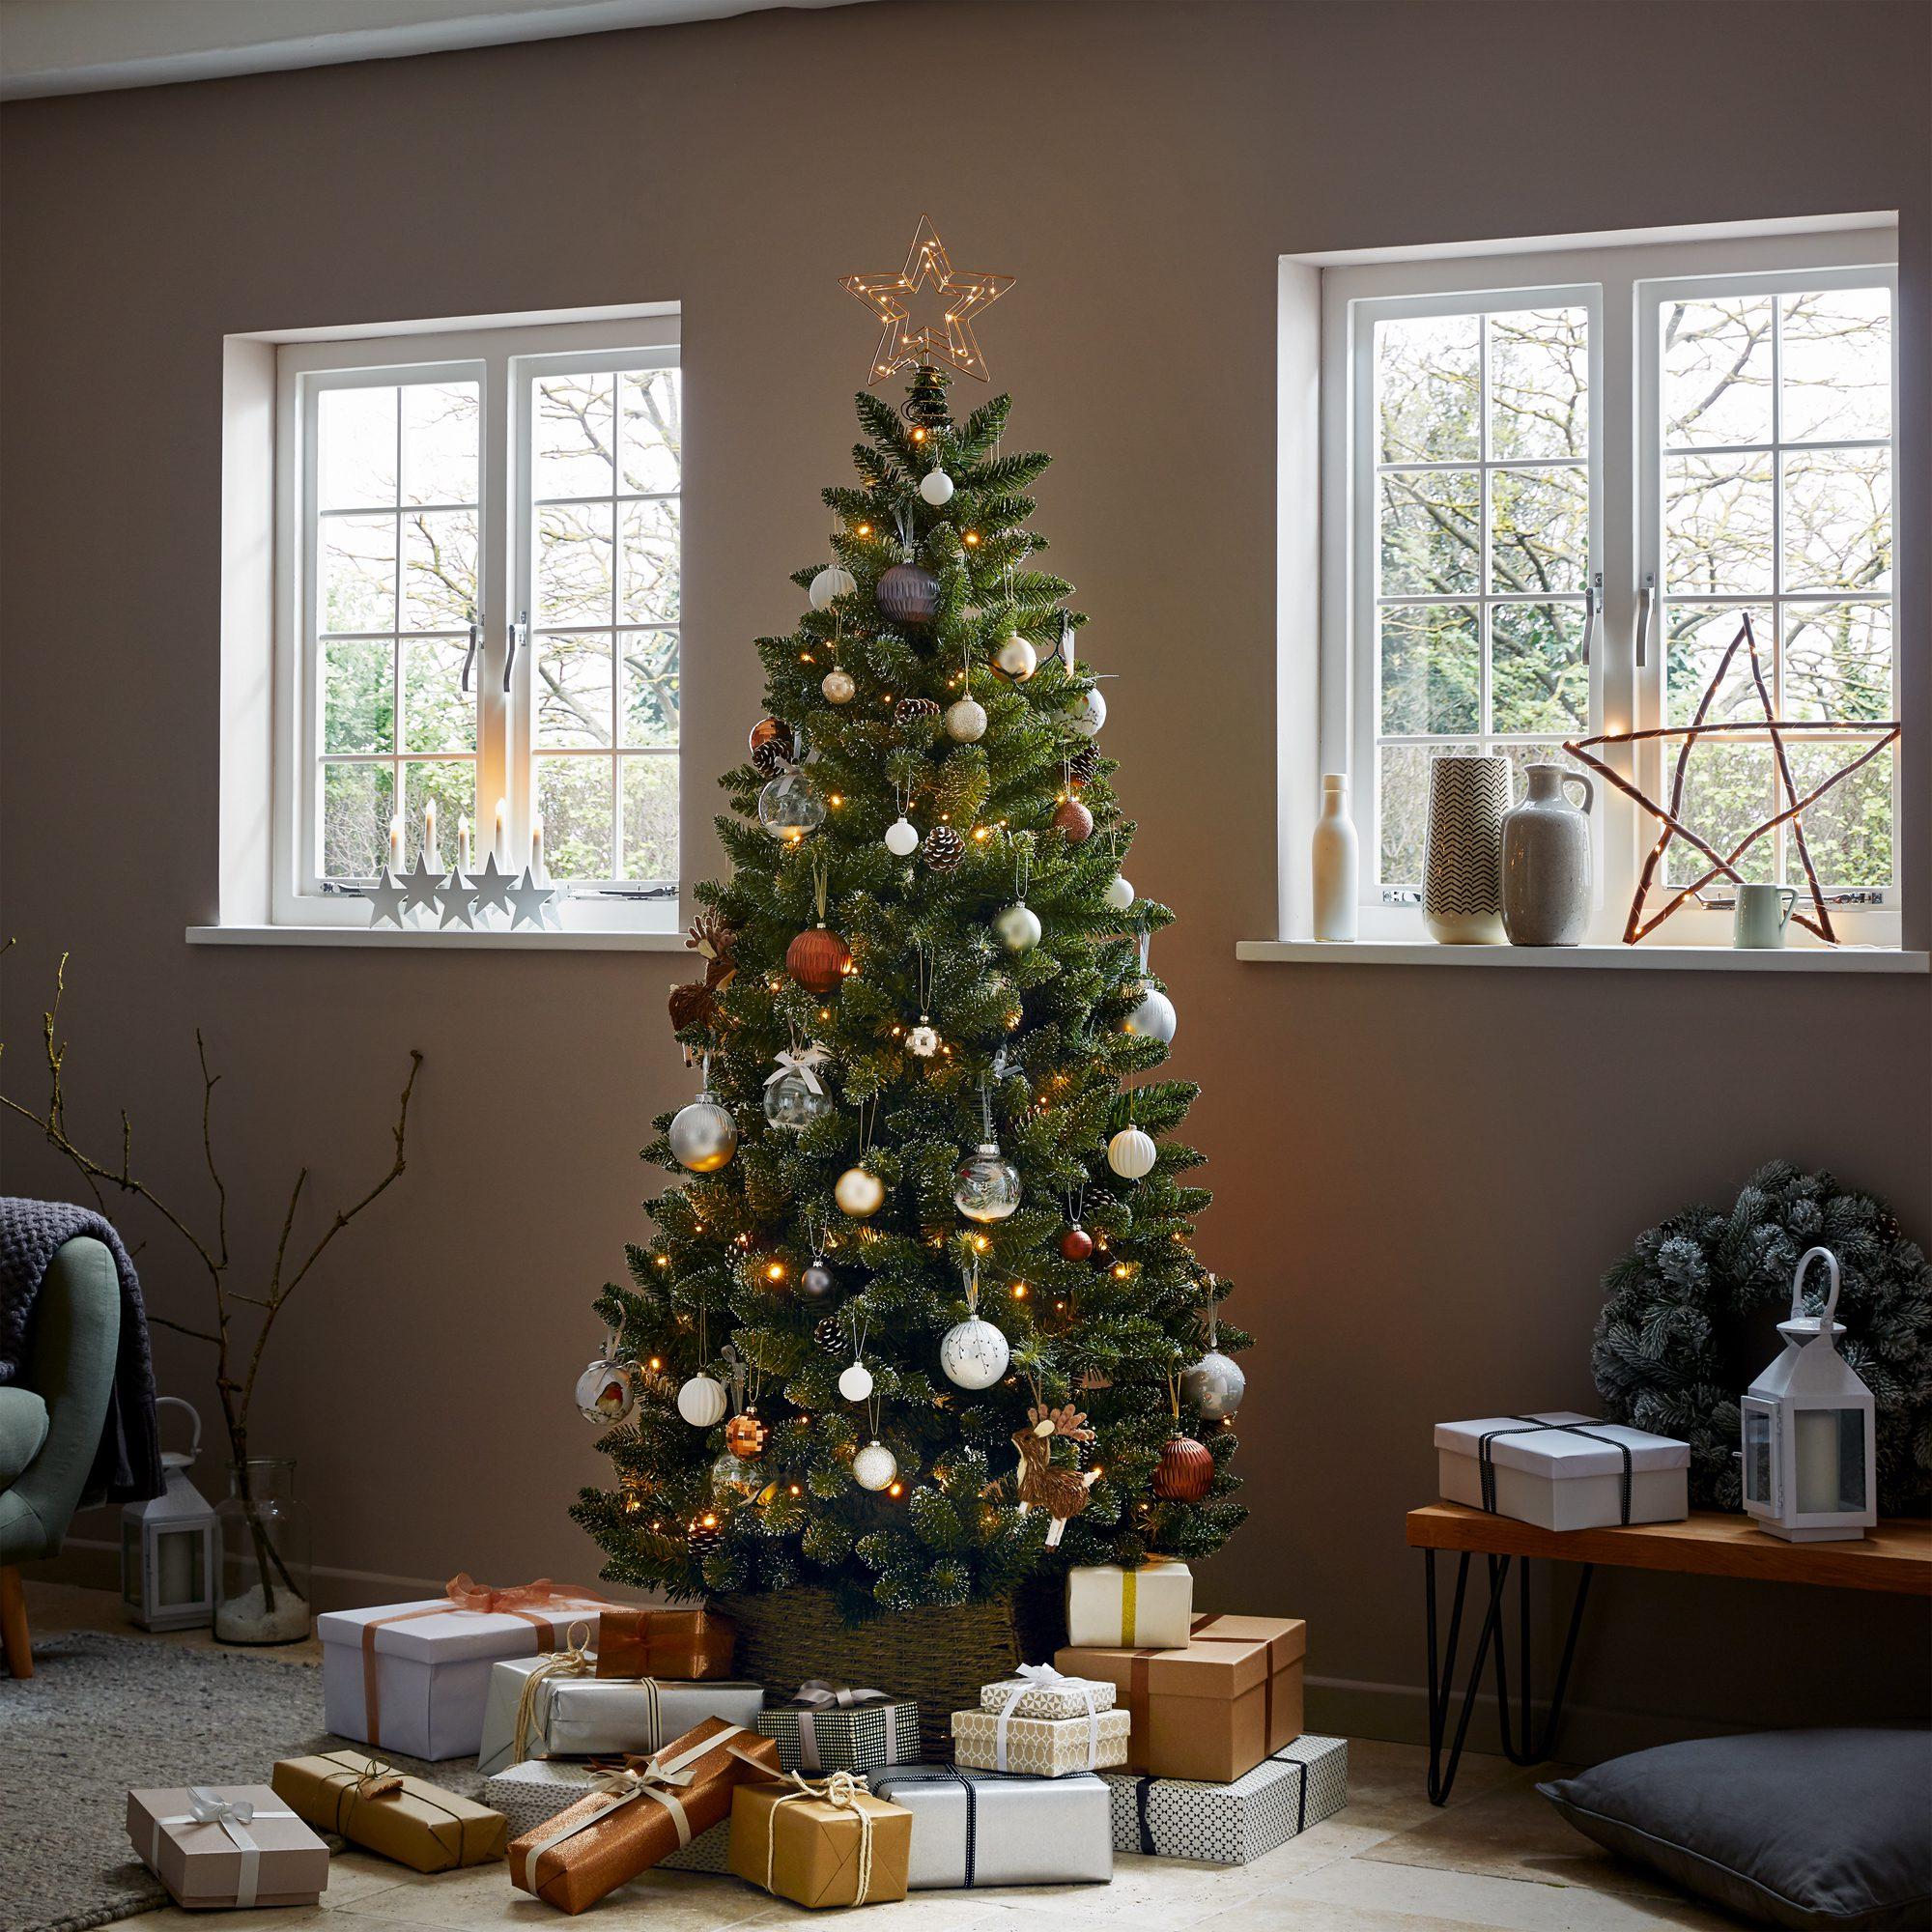 Yılbaşı ağacı altında duran hediye paketleri